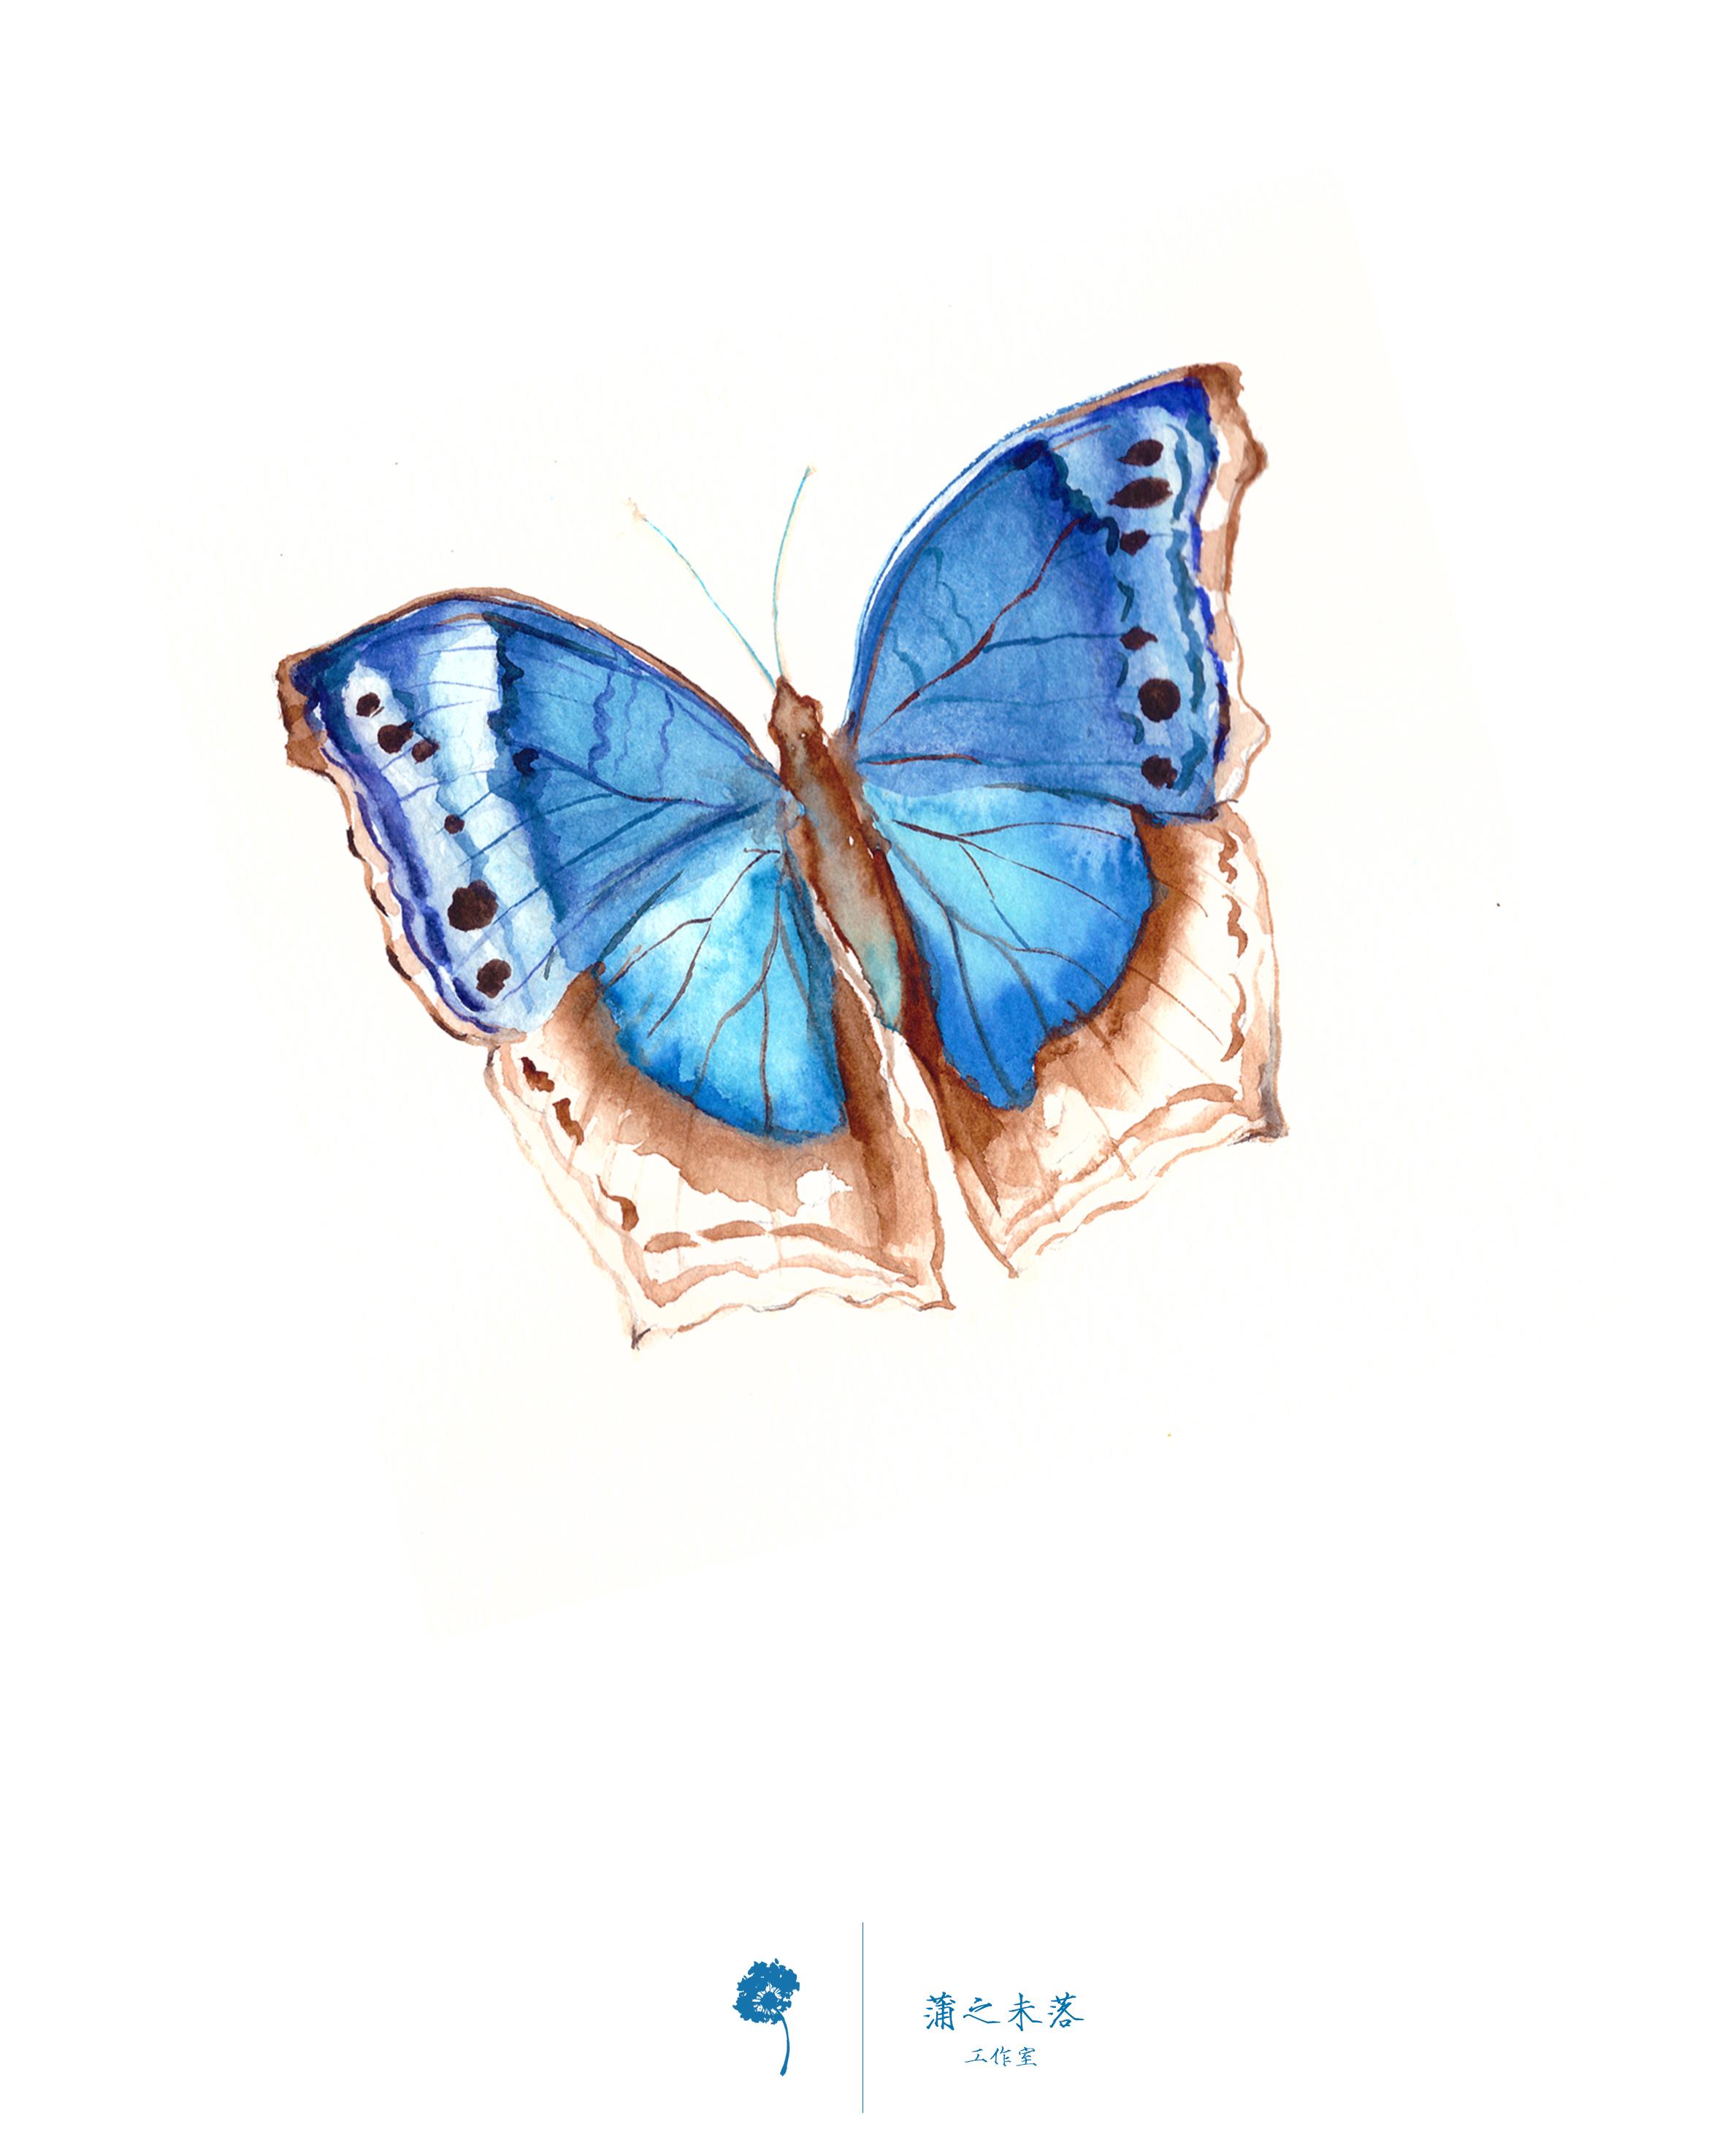 水彩手繪--蝴蝶